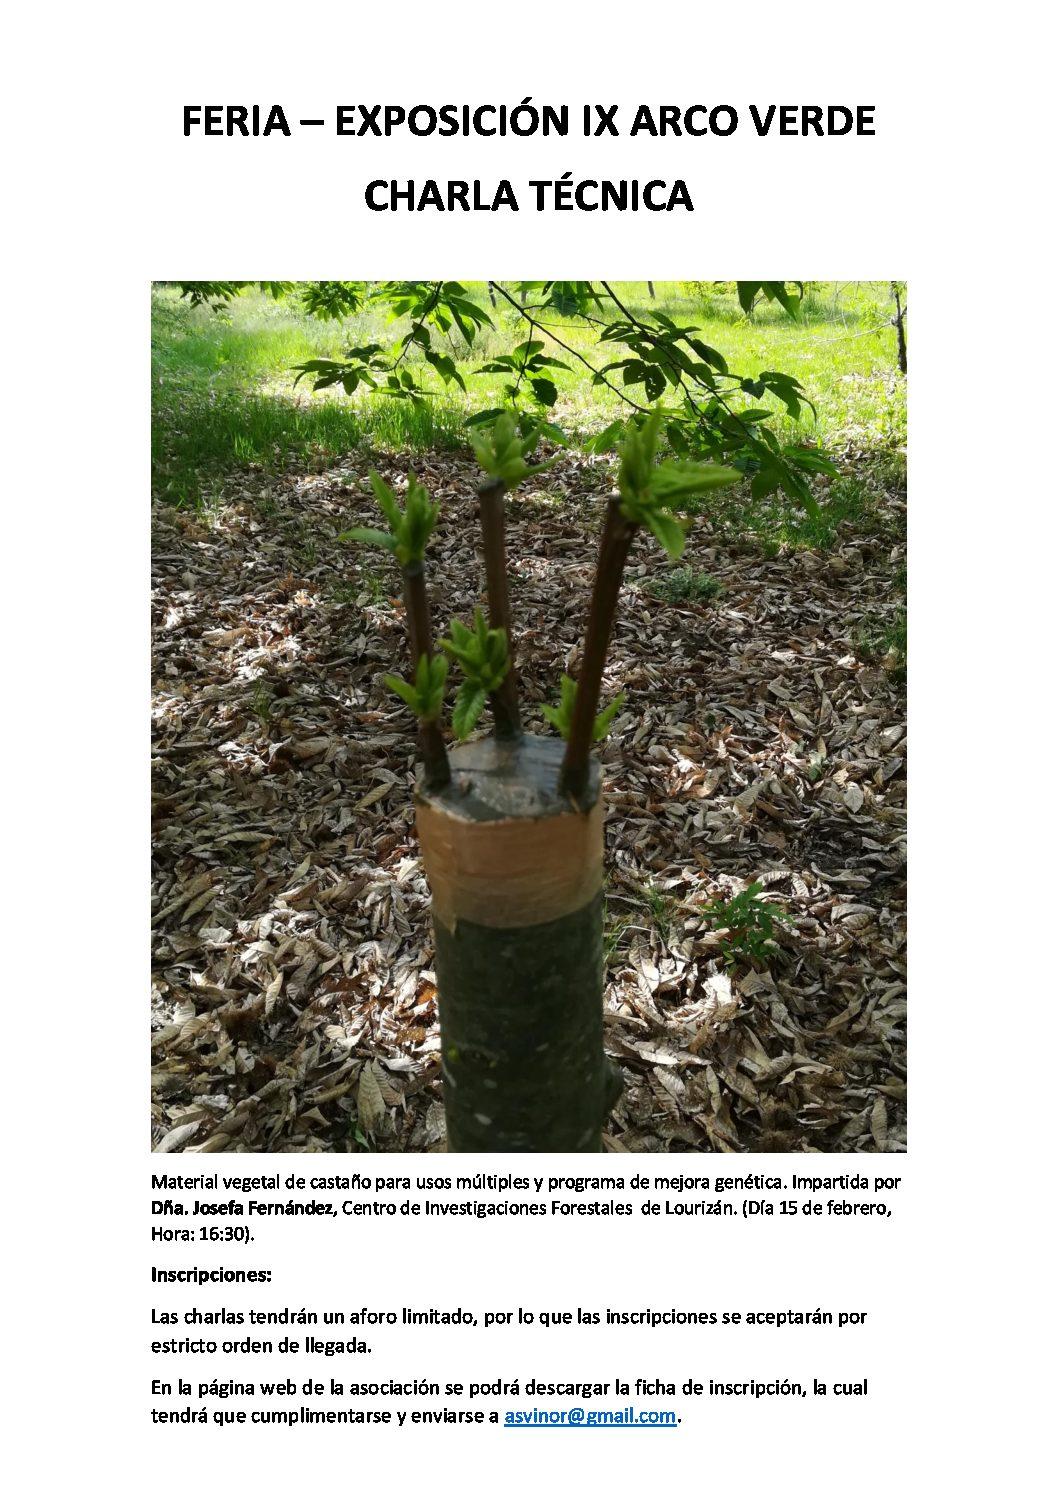 Material vegetal de castaño para usos múltiples y programa de mejora genética.